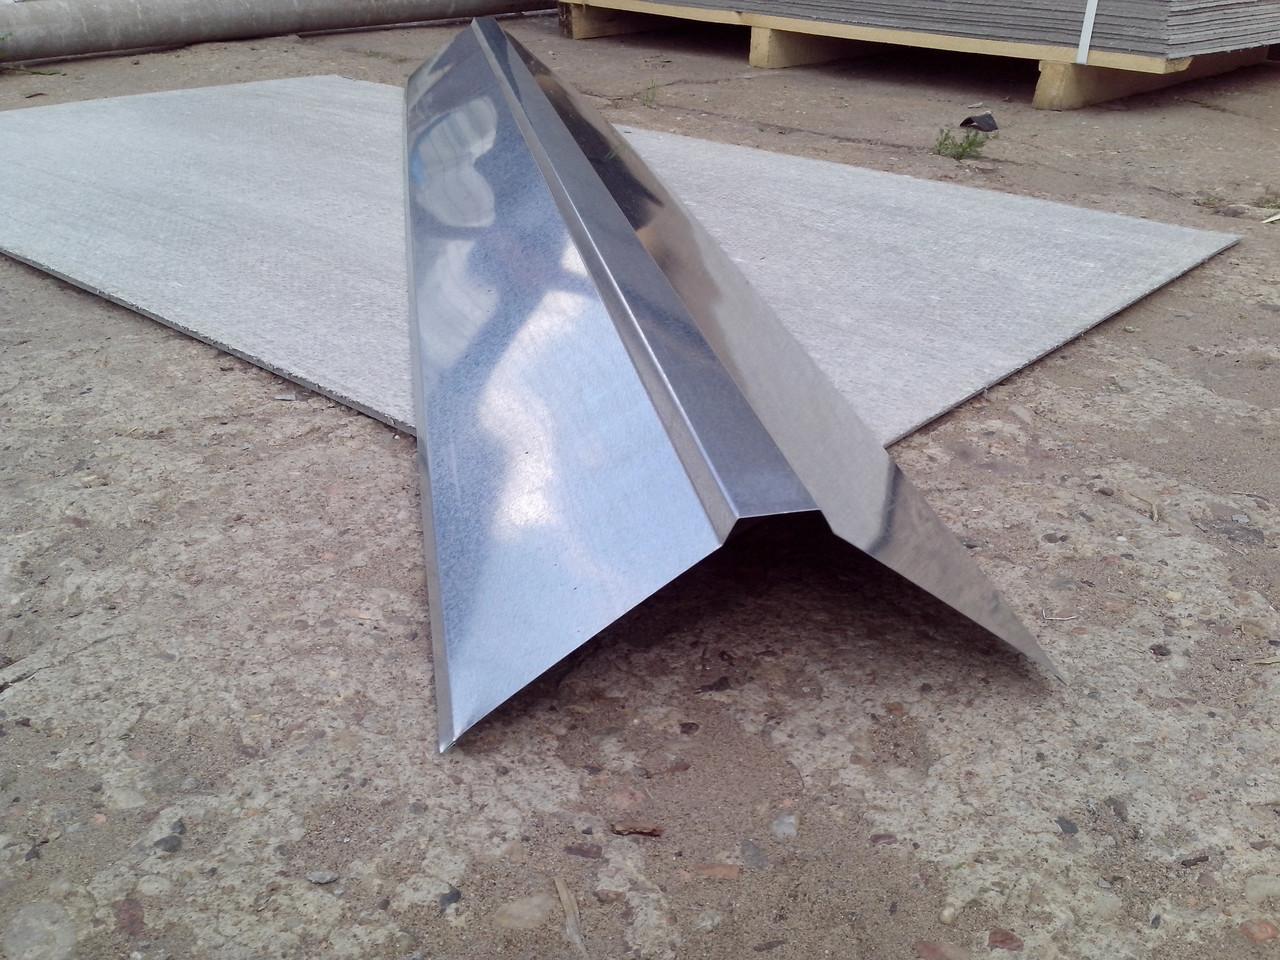 Планка конька малая Конек для крыши цинковый.толщина 0,4 - ПрофLux в Днепре